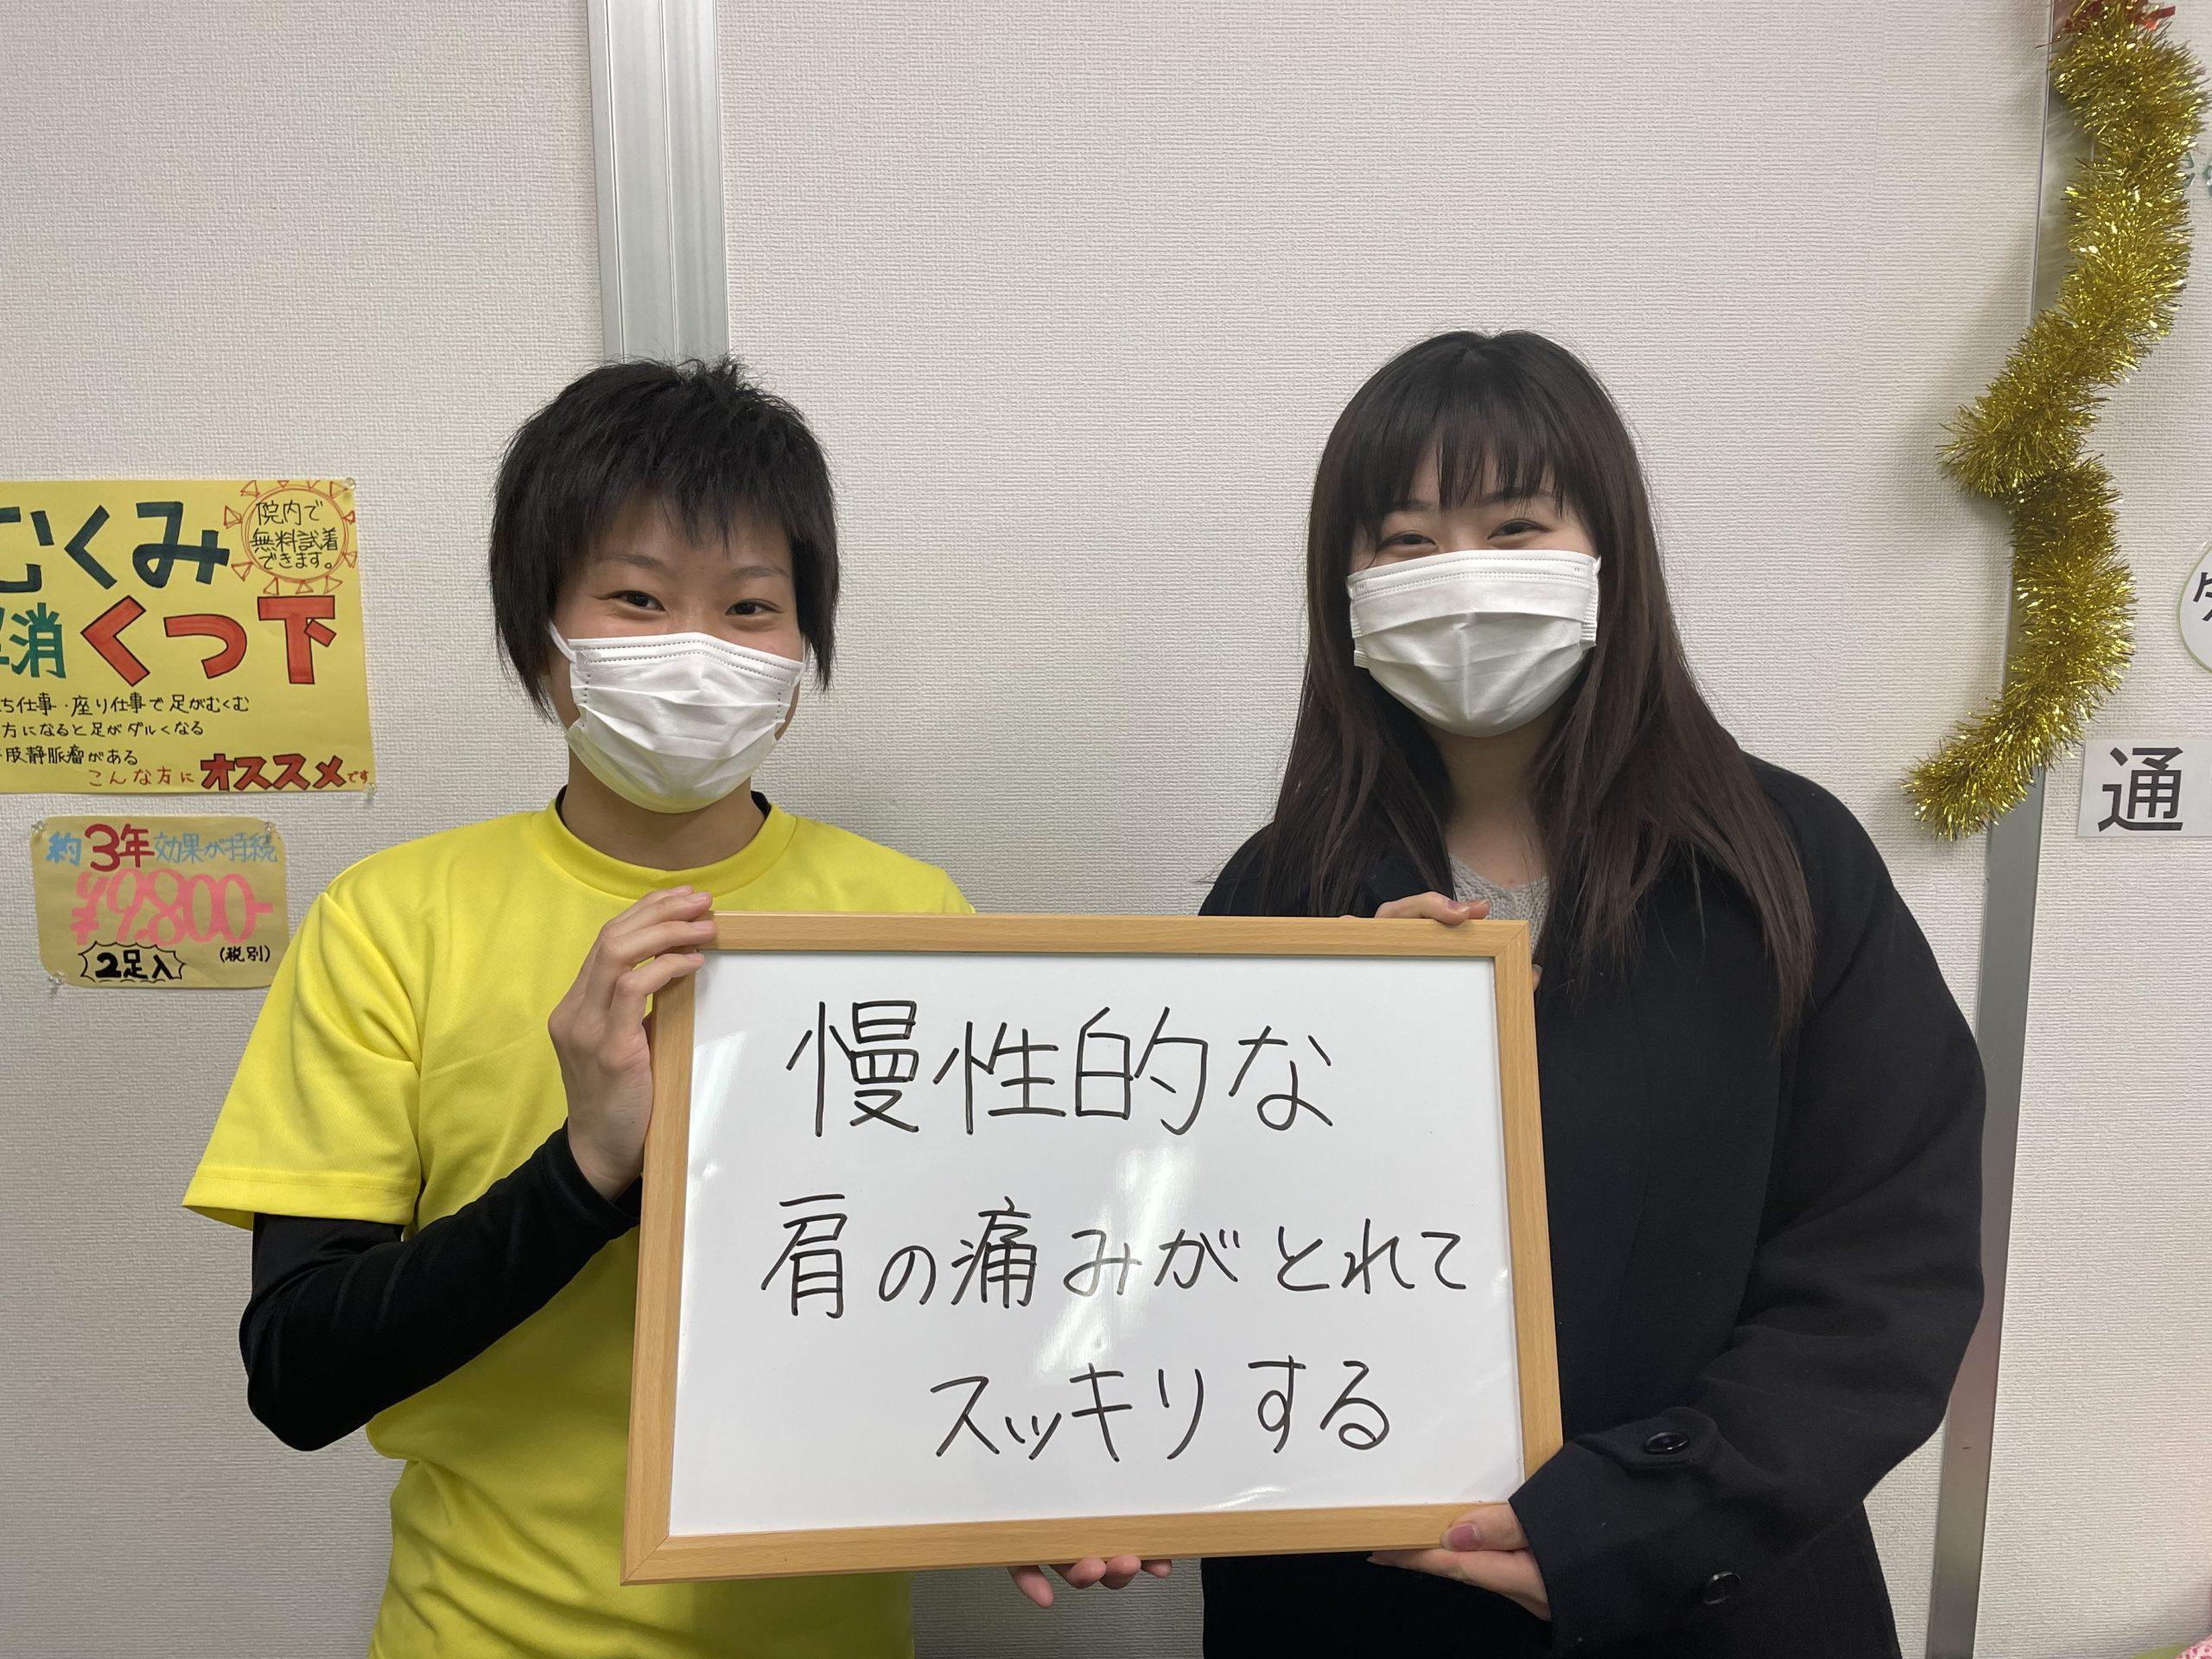 肩こりに湿布が効かない!奈良県生駒市えだ鍼灸整骨院・整体院